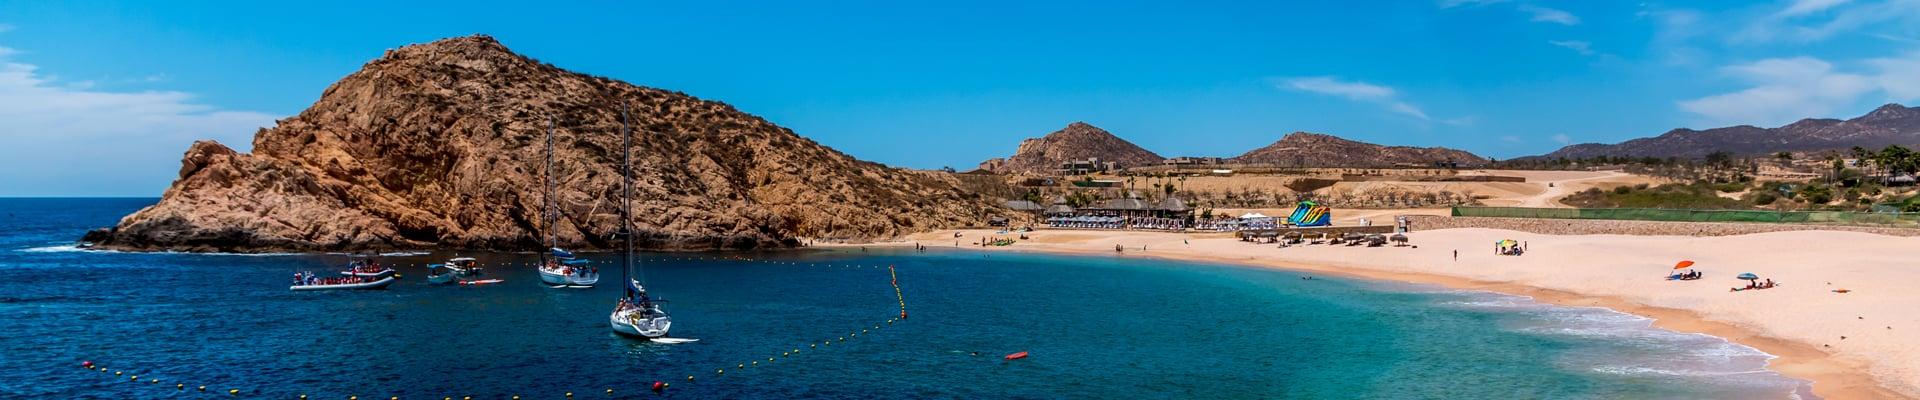 Near Cabo San Lucas